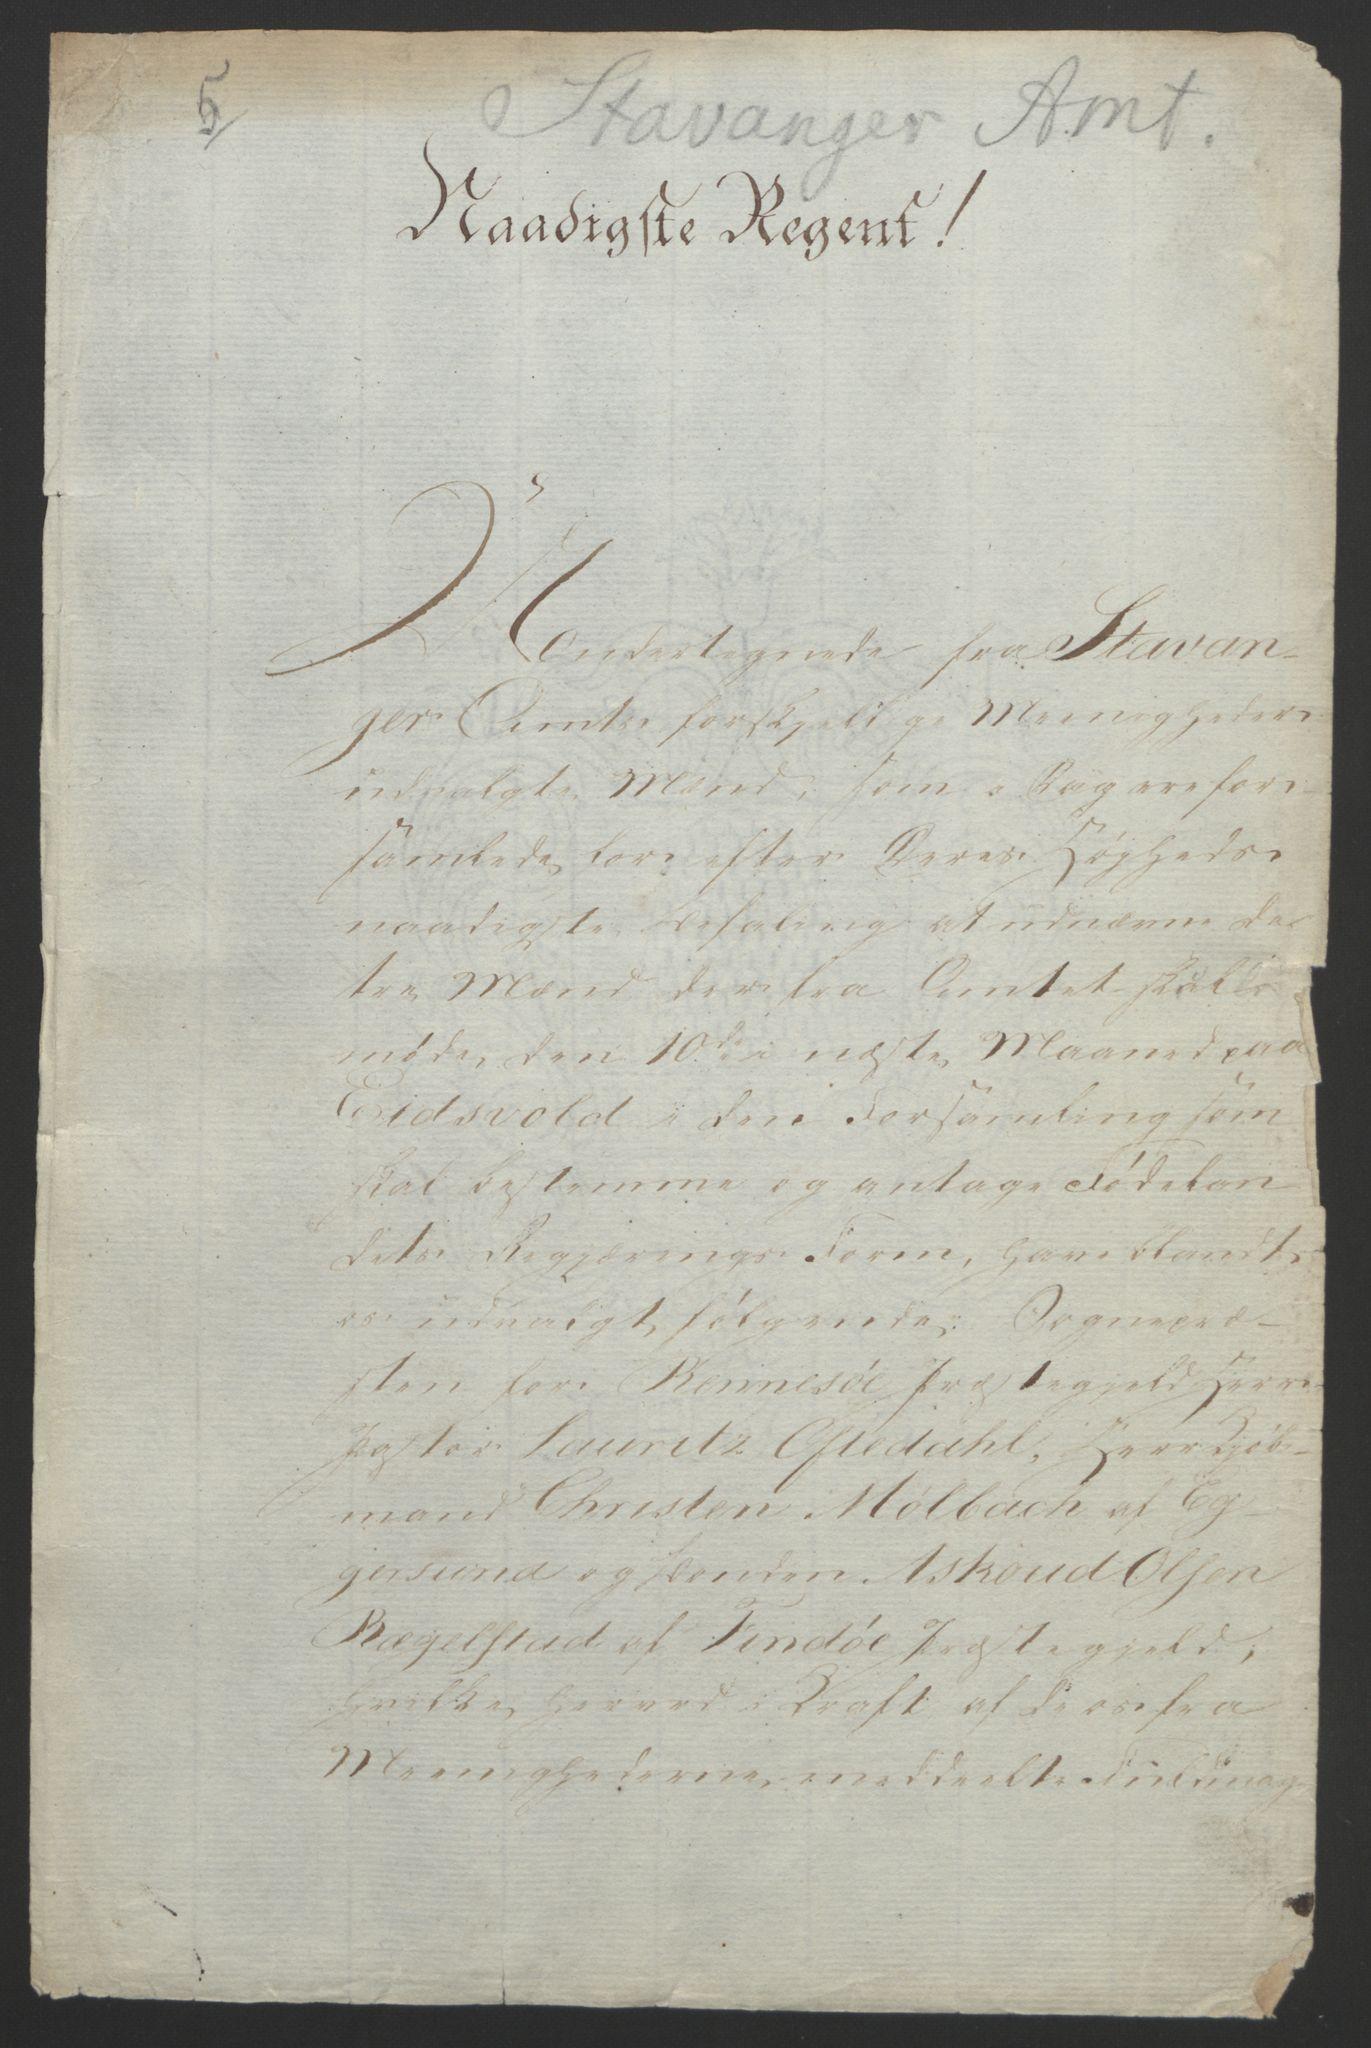 RA, Statsrådssekretariatet, D/Db/L0008: Fullmakter for Eidsvollsrepresentantene i 1814. , 1814, s. 196